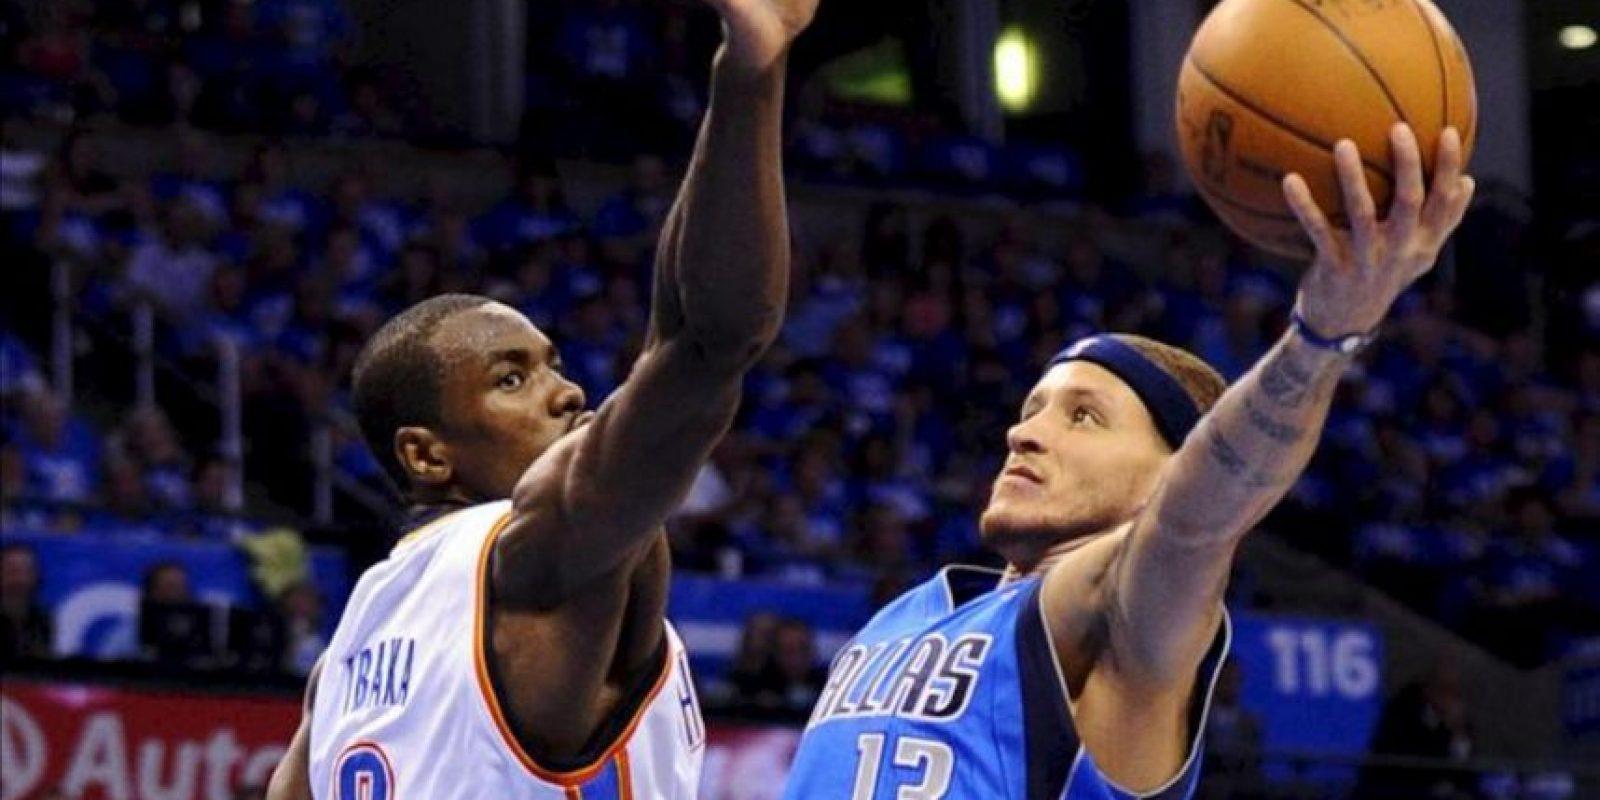 El jugador Delonte West (d) de los Dallas Mavericks hace un lanzamiento ante Serge Ibaka (i) de los Oklahoma Thunders (i) en una partido de la NBA disputado en el Chesapeake Energy Arena de Oklahoma City (EE.UU.). EFE